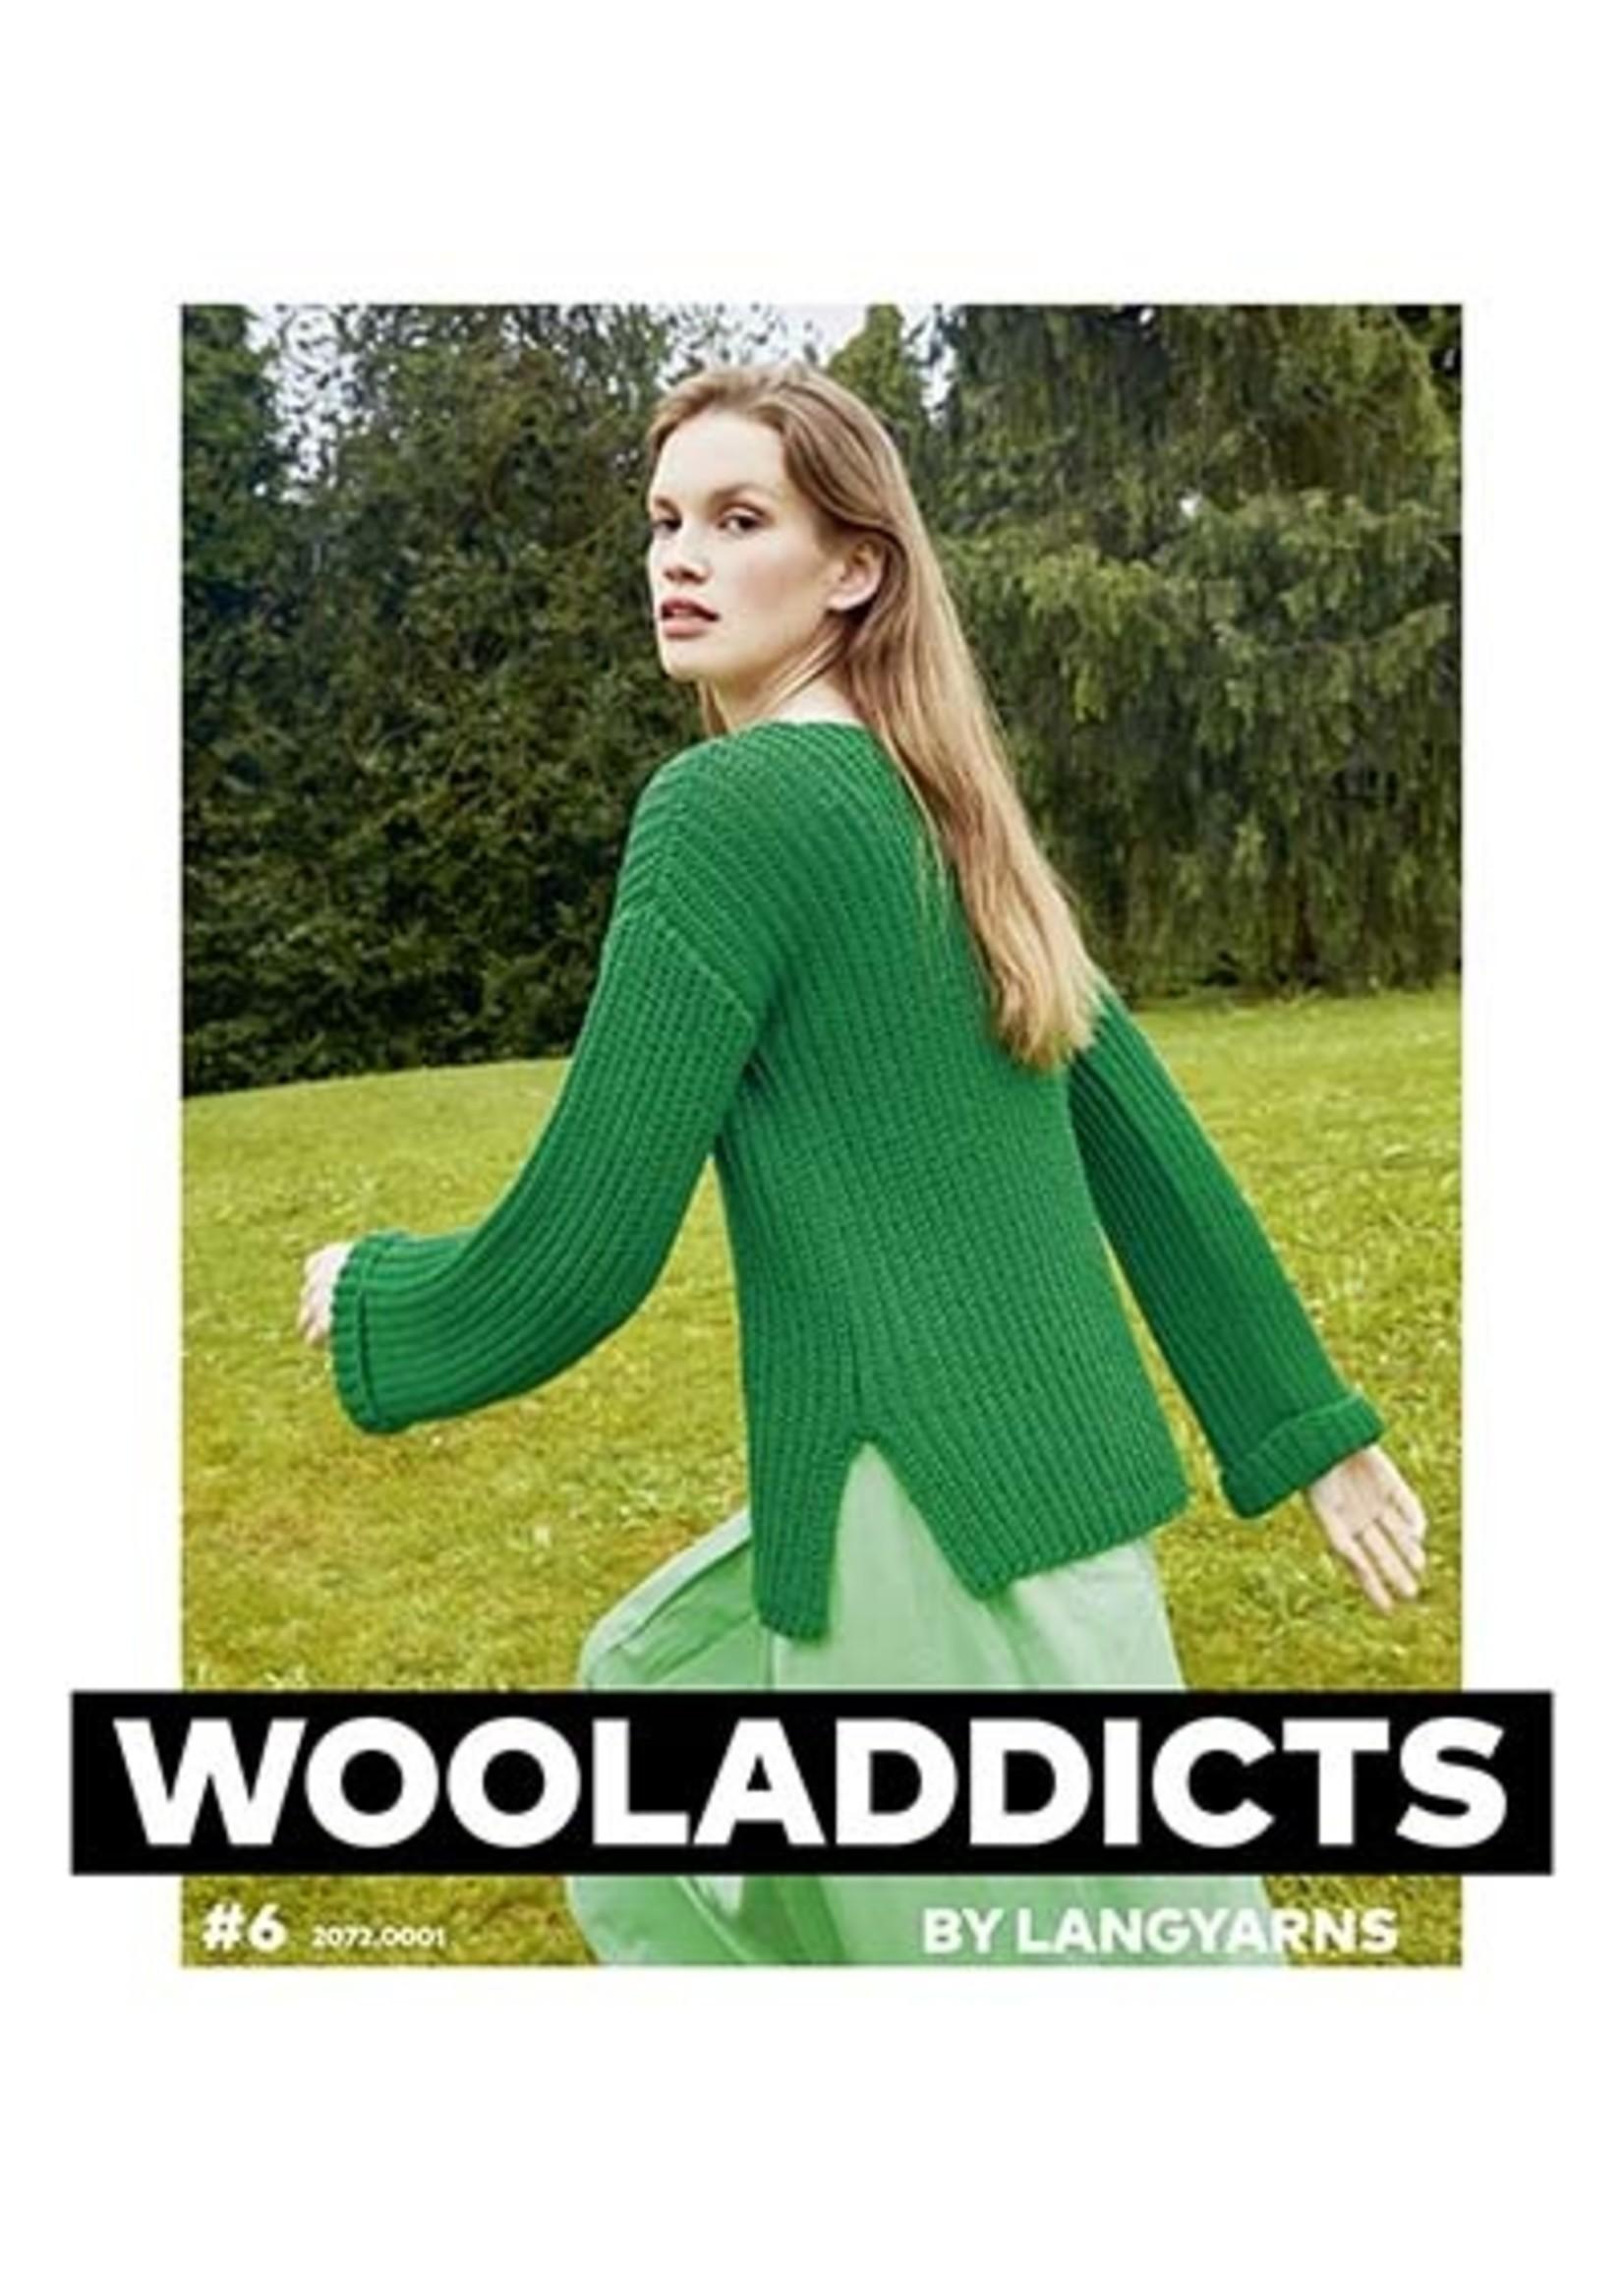 WoolAddicts Wooladdicts #6